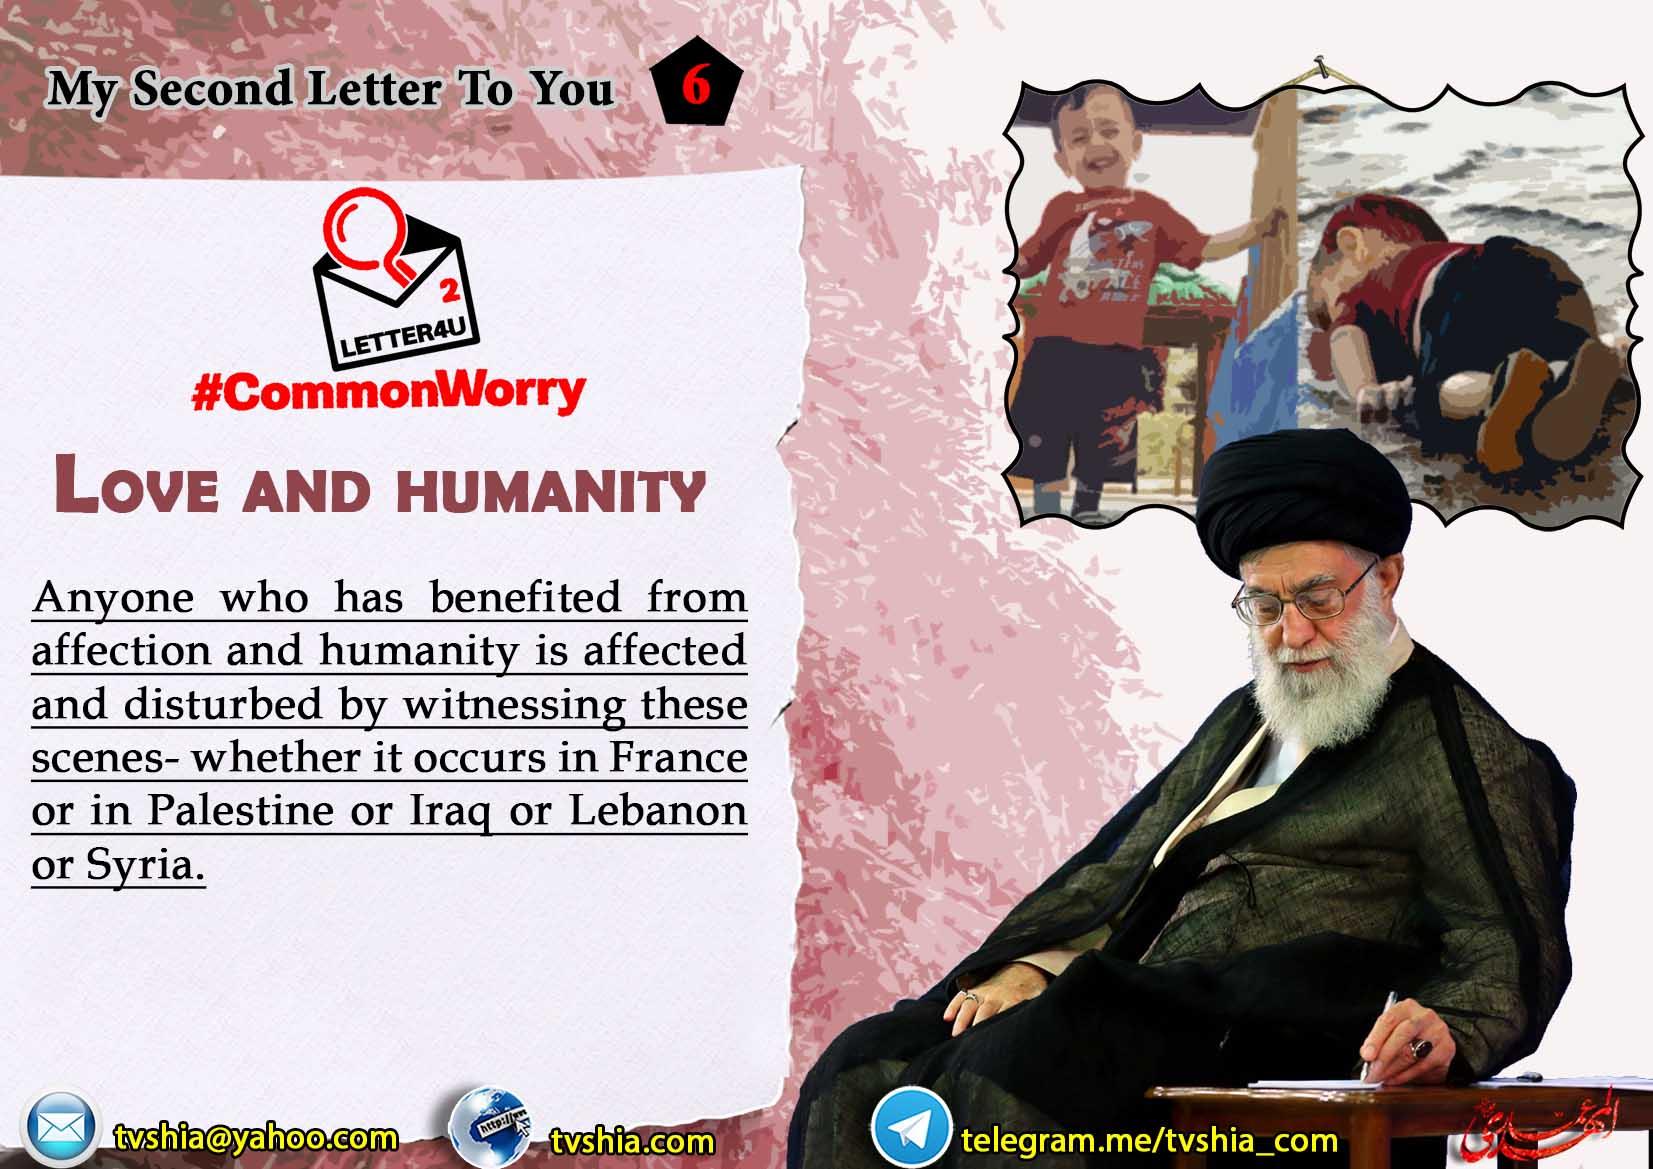 مجموعه پوسترهای نامه دوم رهبری به جوانان غربی (انگلیسی)